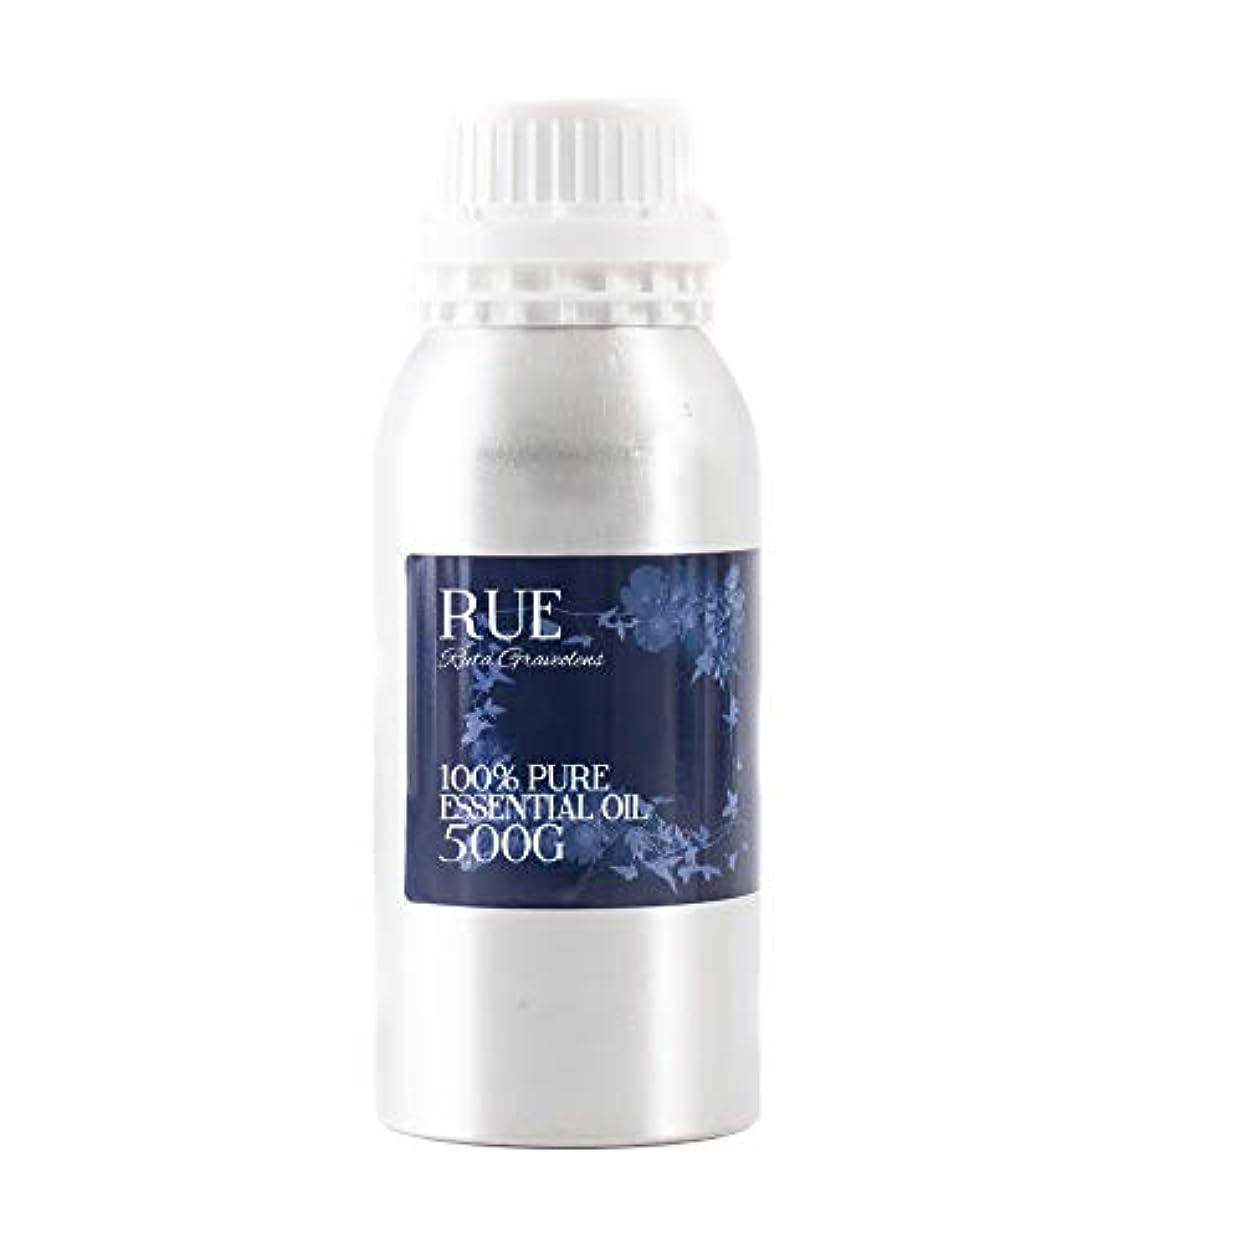 側積分ハイランドMystic Moments | Rue Essential Oil - 500g - 100% Pure